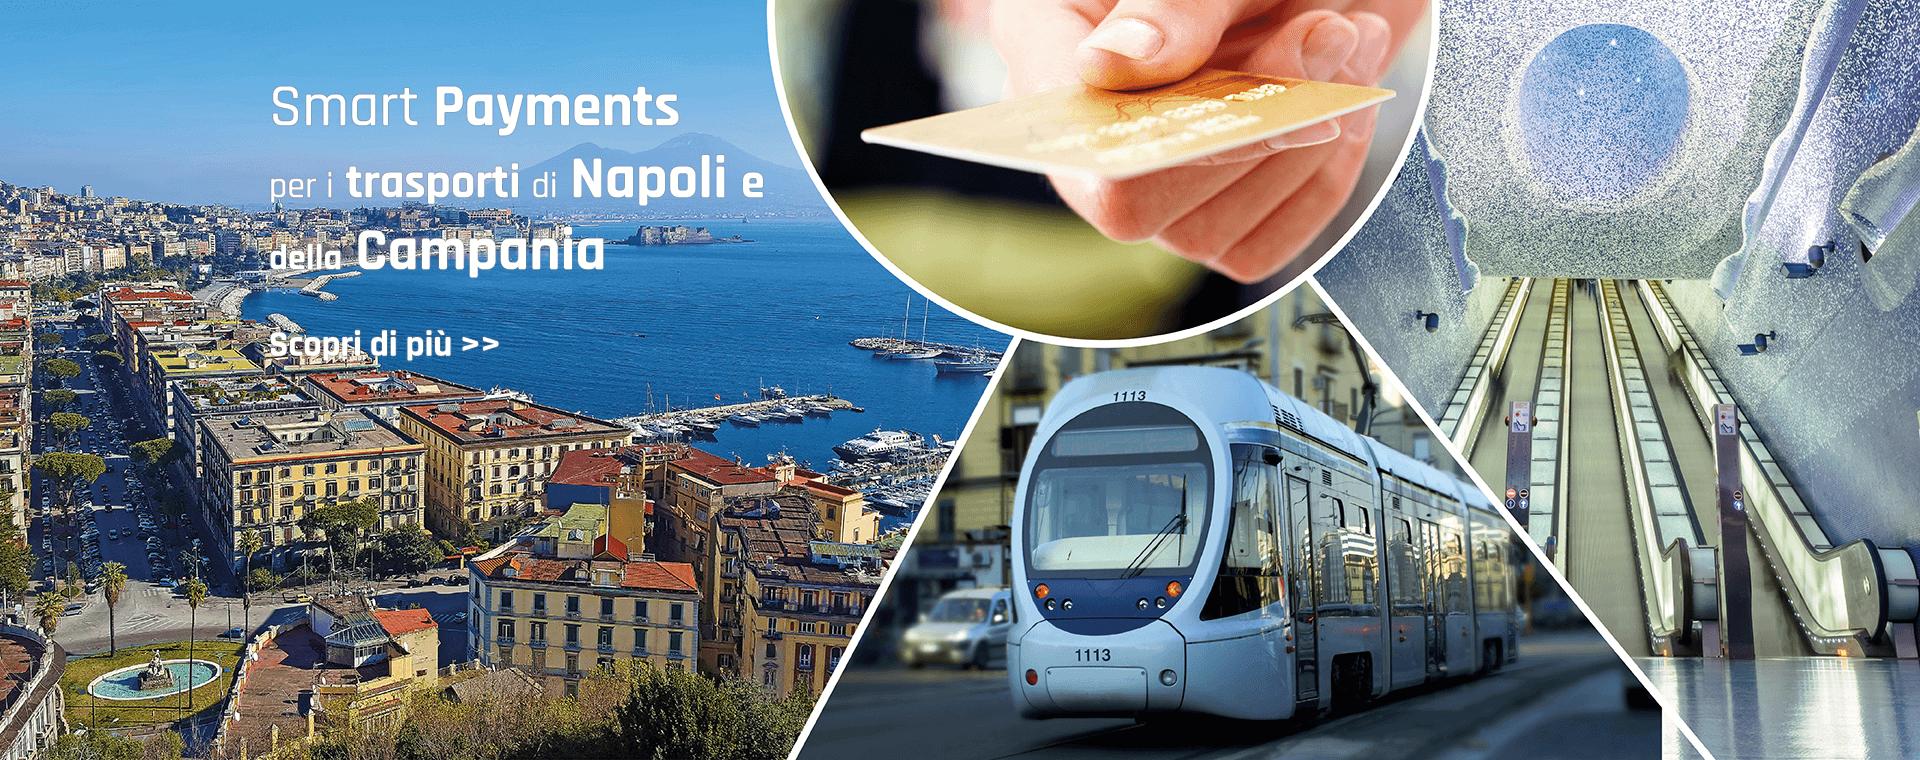 Accordo SIA e Unicocampania per abilitare i pagamenti con carte contactless a Napoli e sui mezzi di trasporto regionali